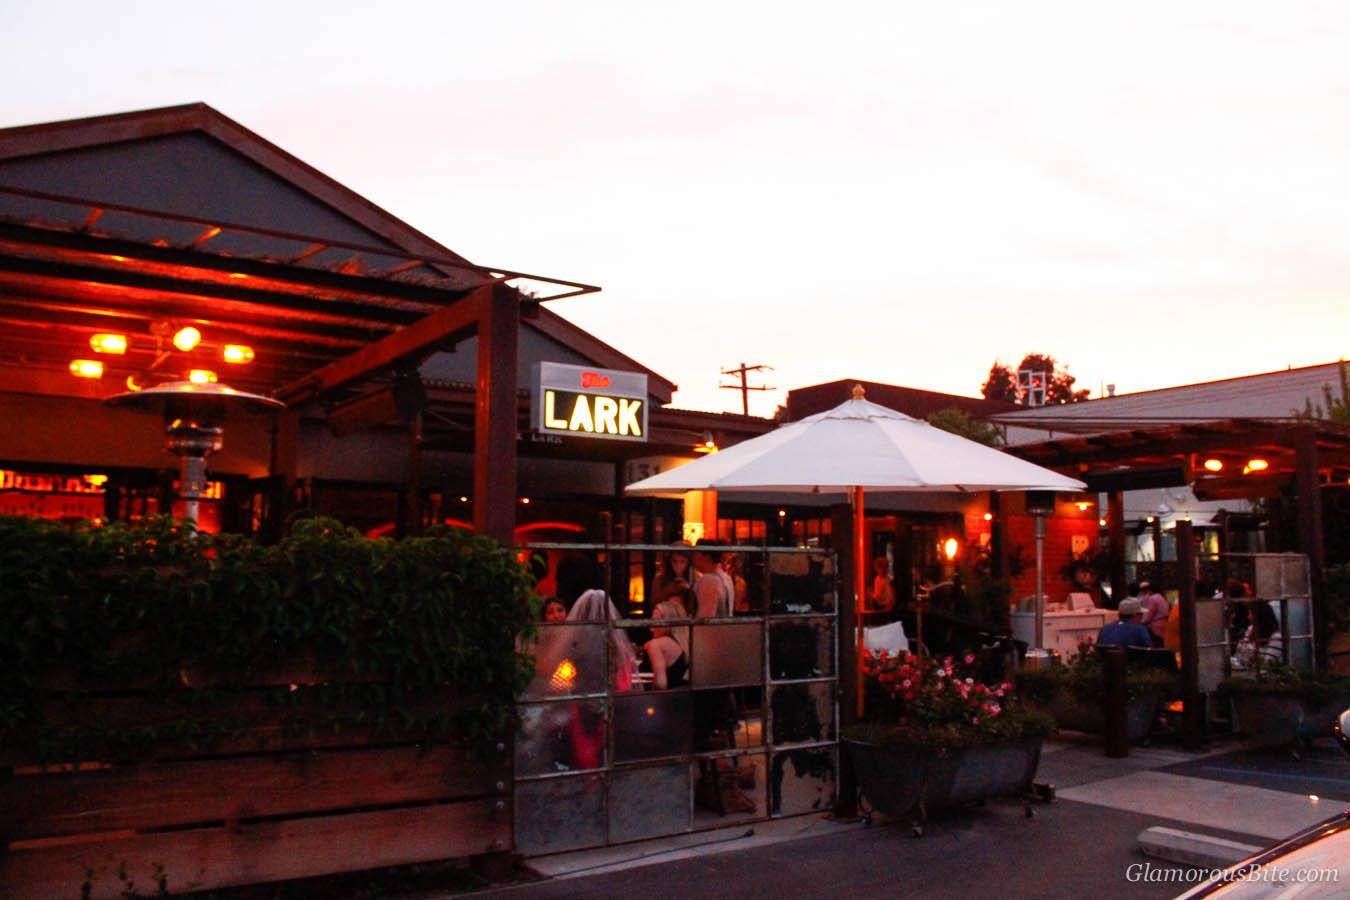 The Lark Santa Barbara Restaurant